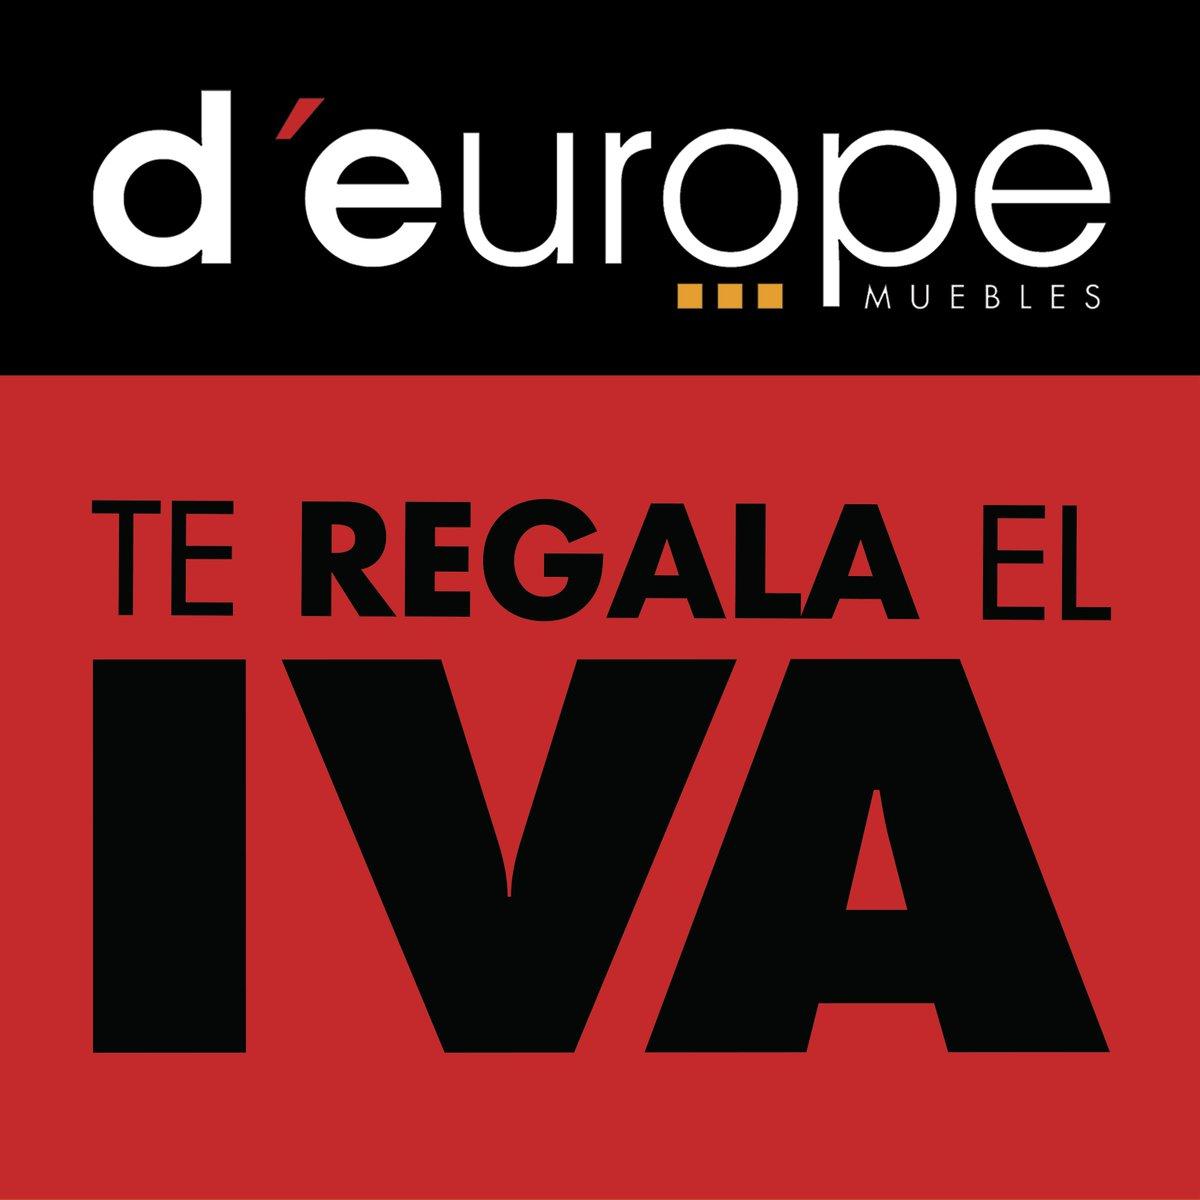 D Europe Muebles On Twitter D Europe Muebles Te Regala Una Parte  # Muebles Deurope